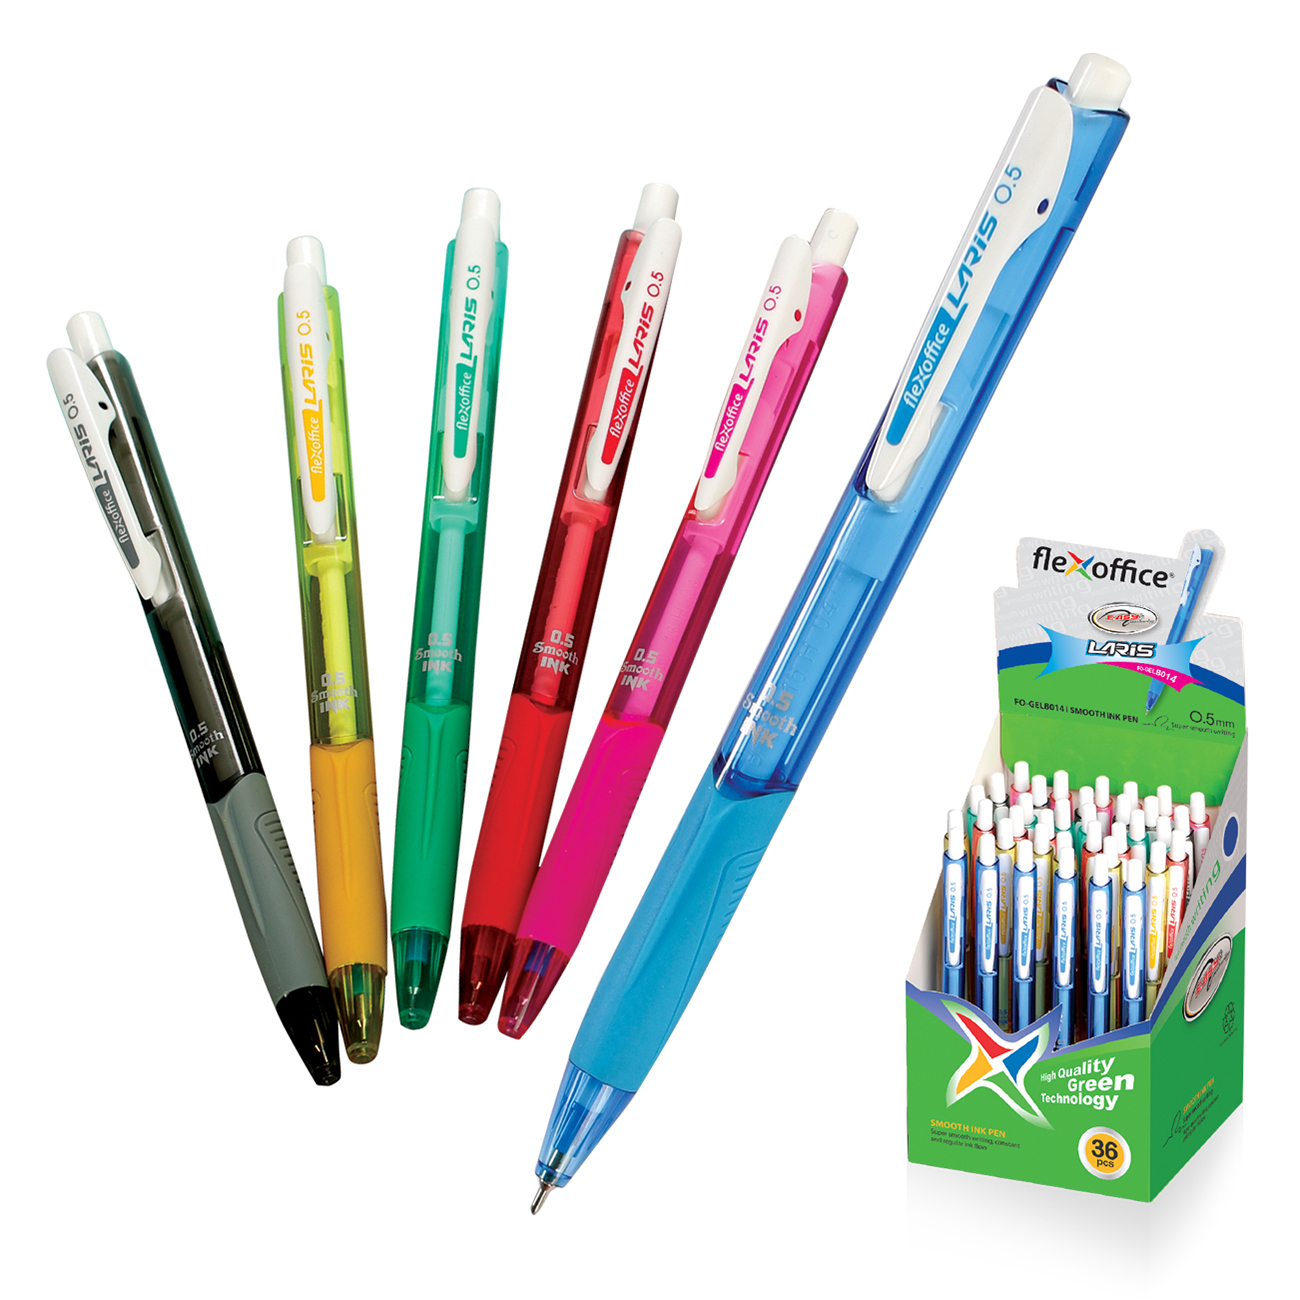 Ручка шариковая Flexoffice Laris синяя 0,5мм маслян чернил автомат